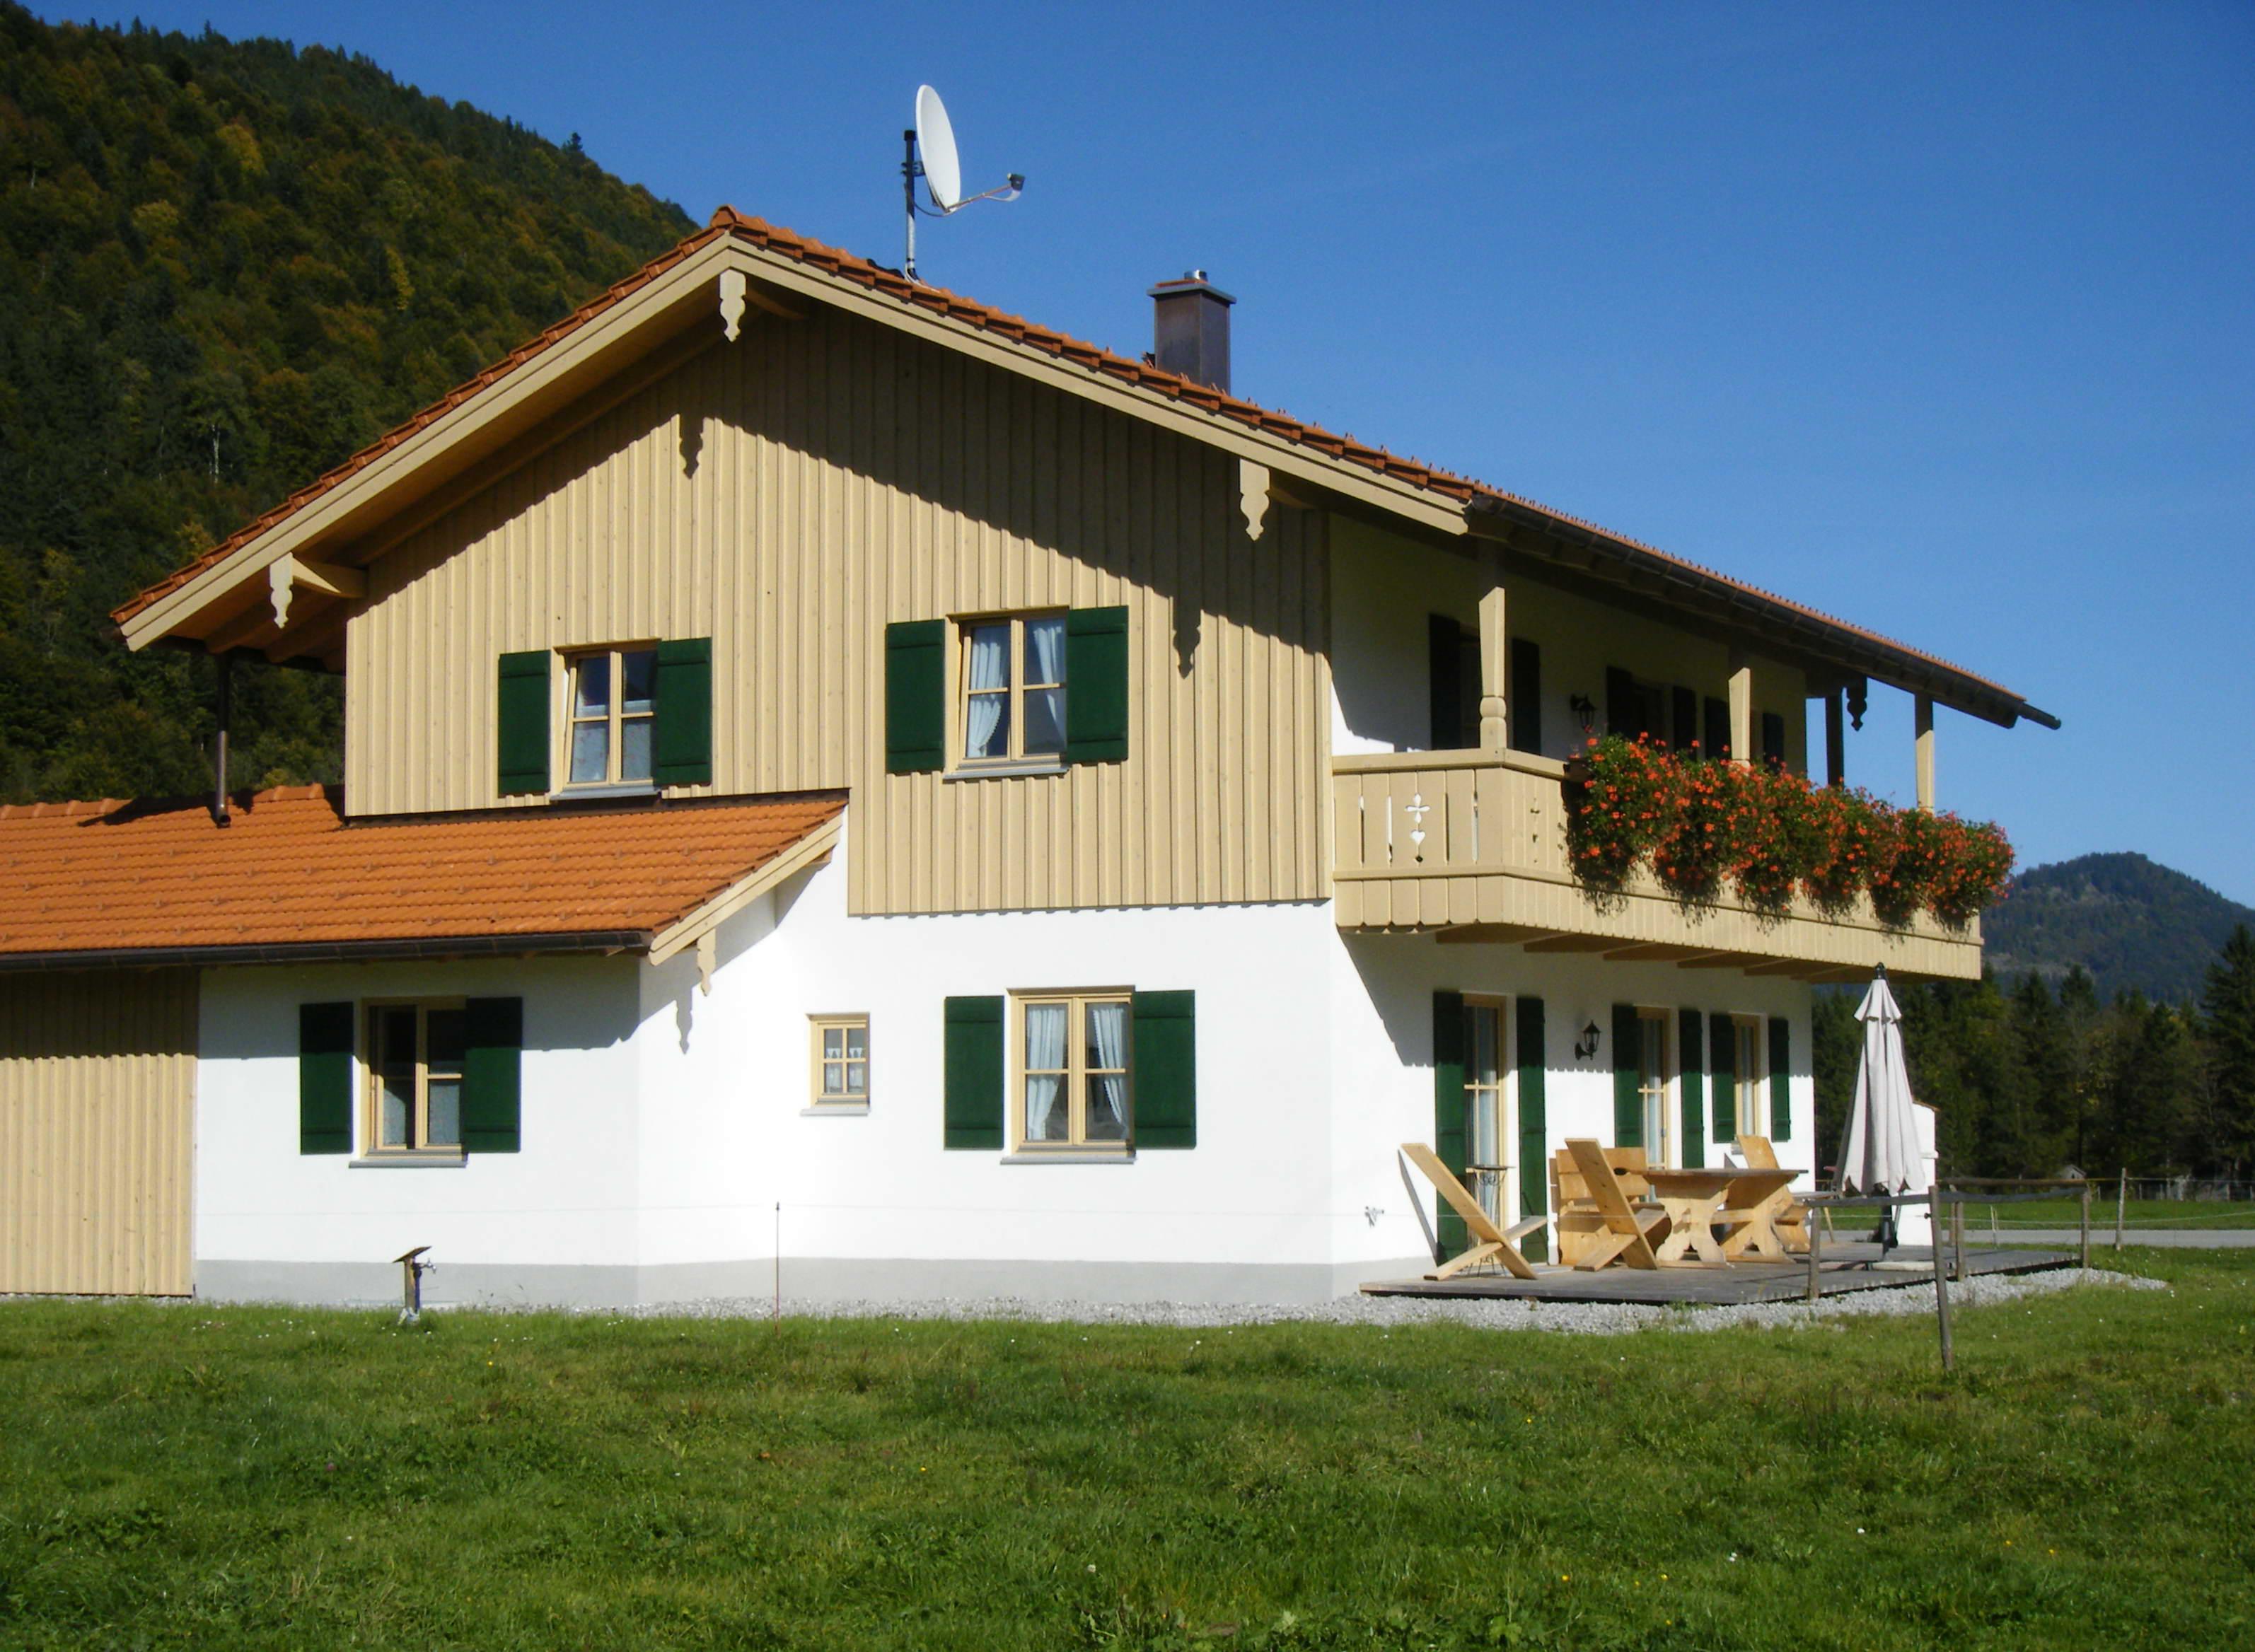 Gästehaus Erbhof von der Rückseite